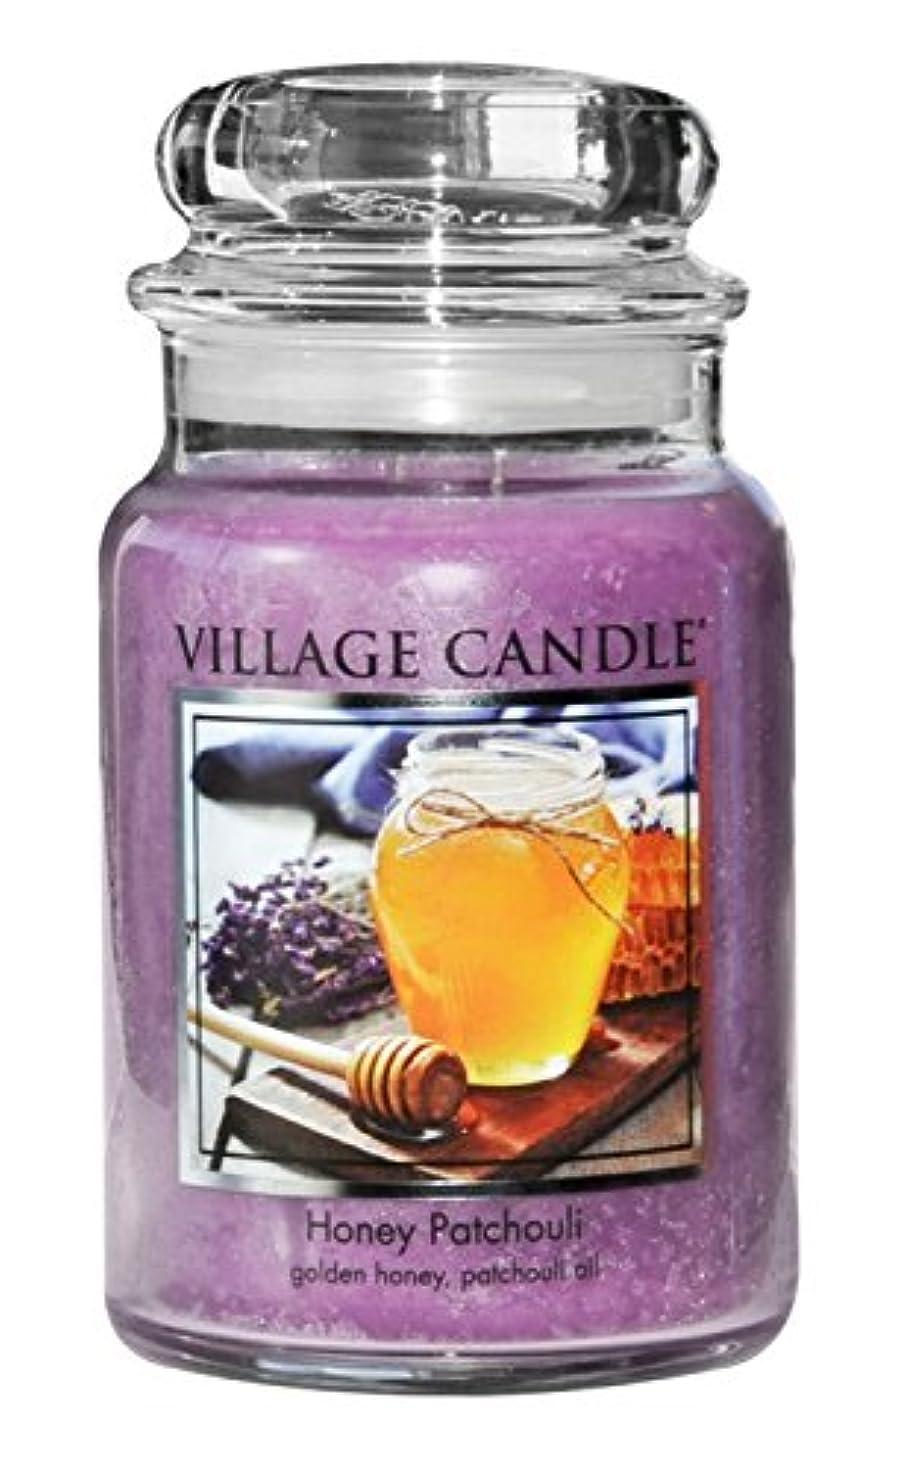 森林スケッチ透ける(Large (770ml)) - Village Candle Honey Patchouli 770ml Glass Jar Scented Candle, Large